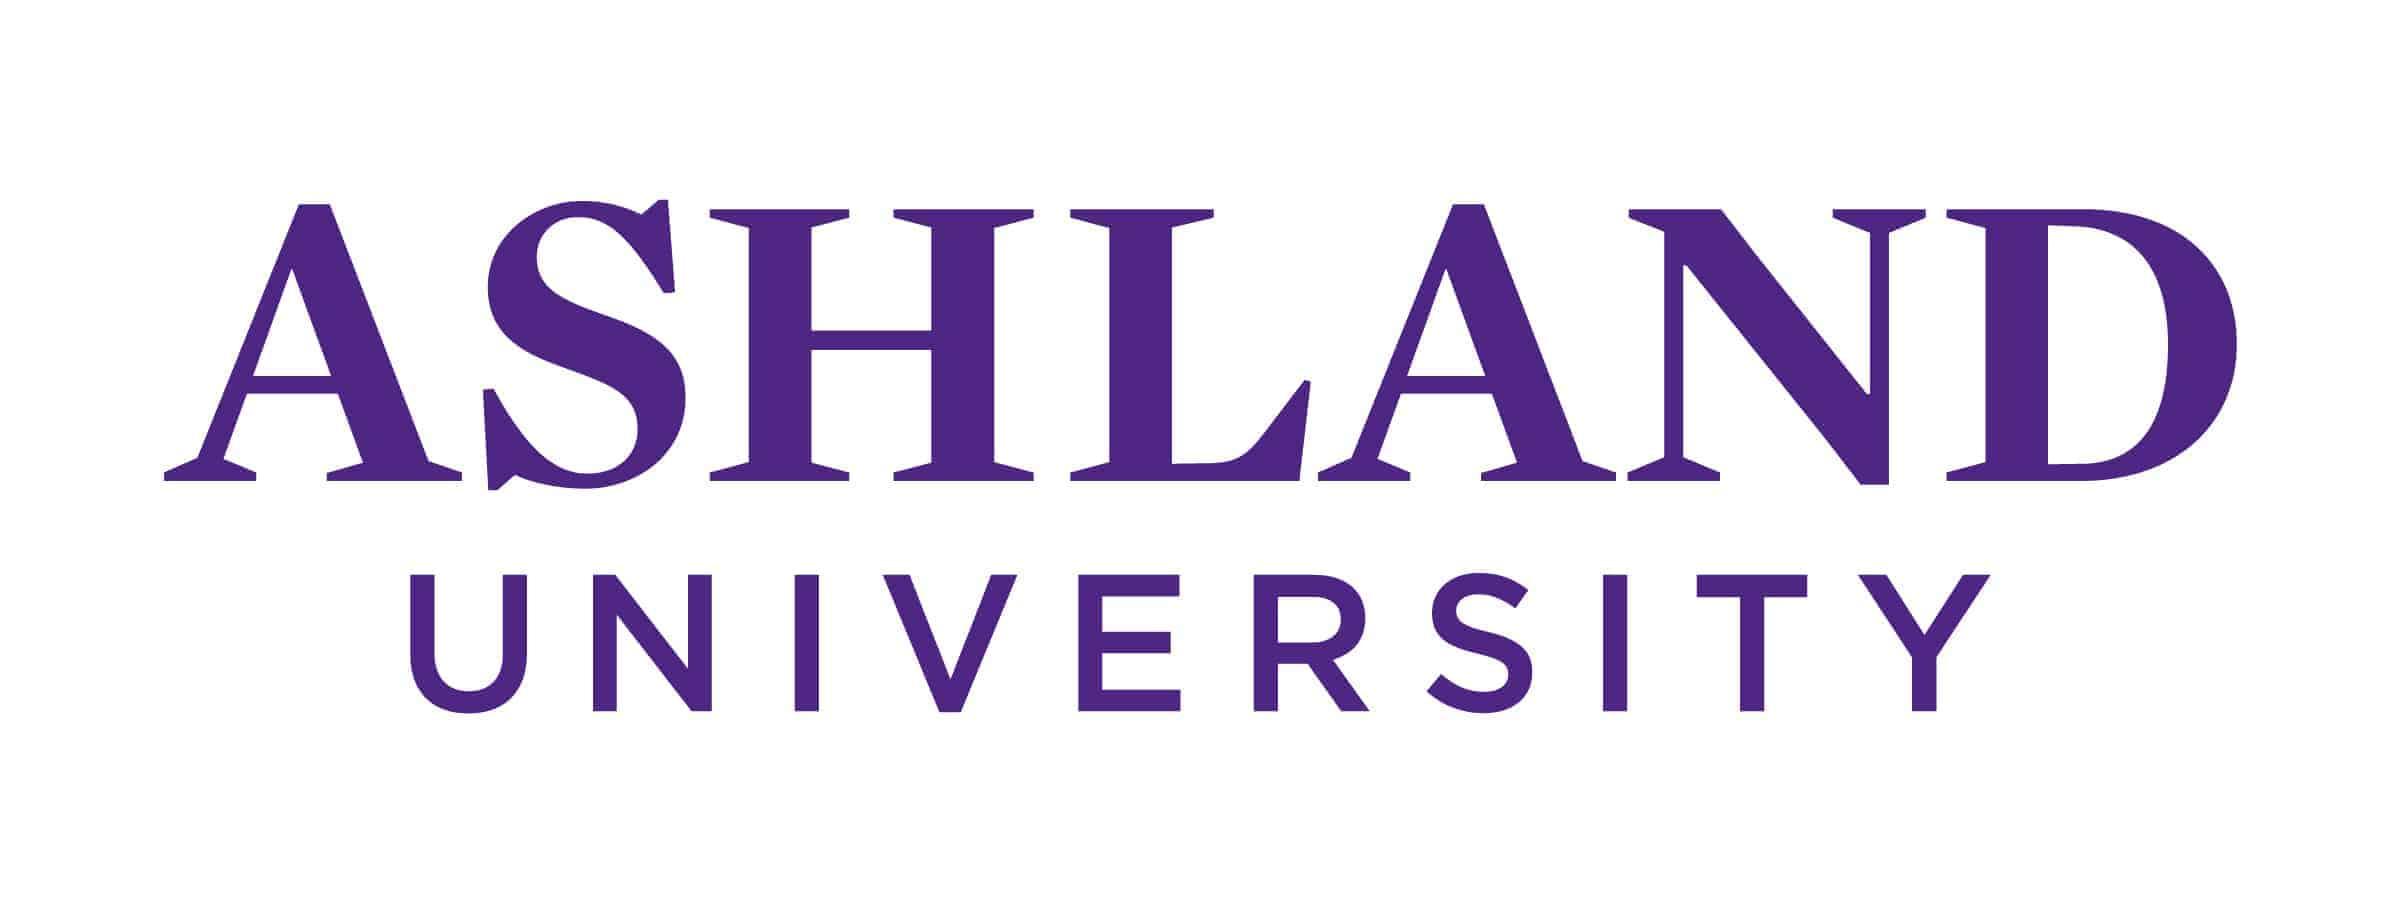 ashland university logo 5193